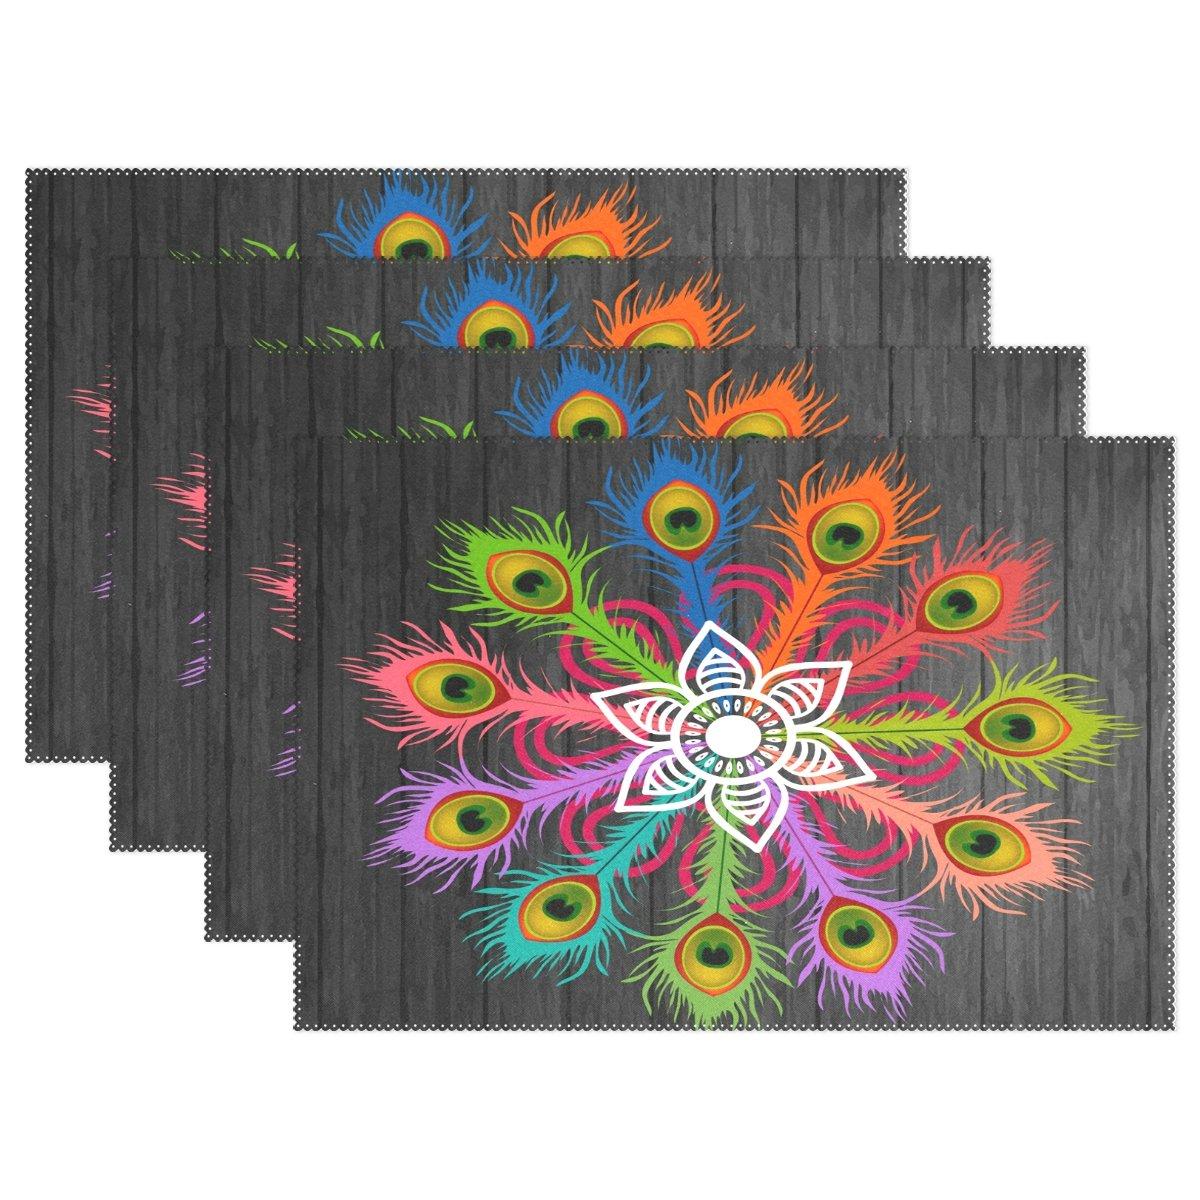 ダイニングプレースマットピーコックフェザーテーブルマットノンスリップStain耐熱性キッチンテーブルマット洗濯可能Doily ( Set of 6 ) 12*18 Inches (30cm x 45cm) fennen_013  Peacock Feather B07BDPFZGC